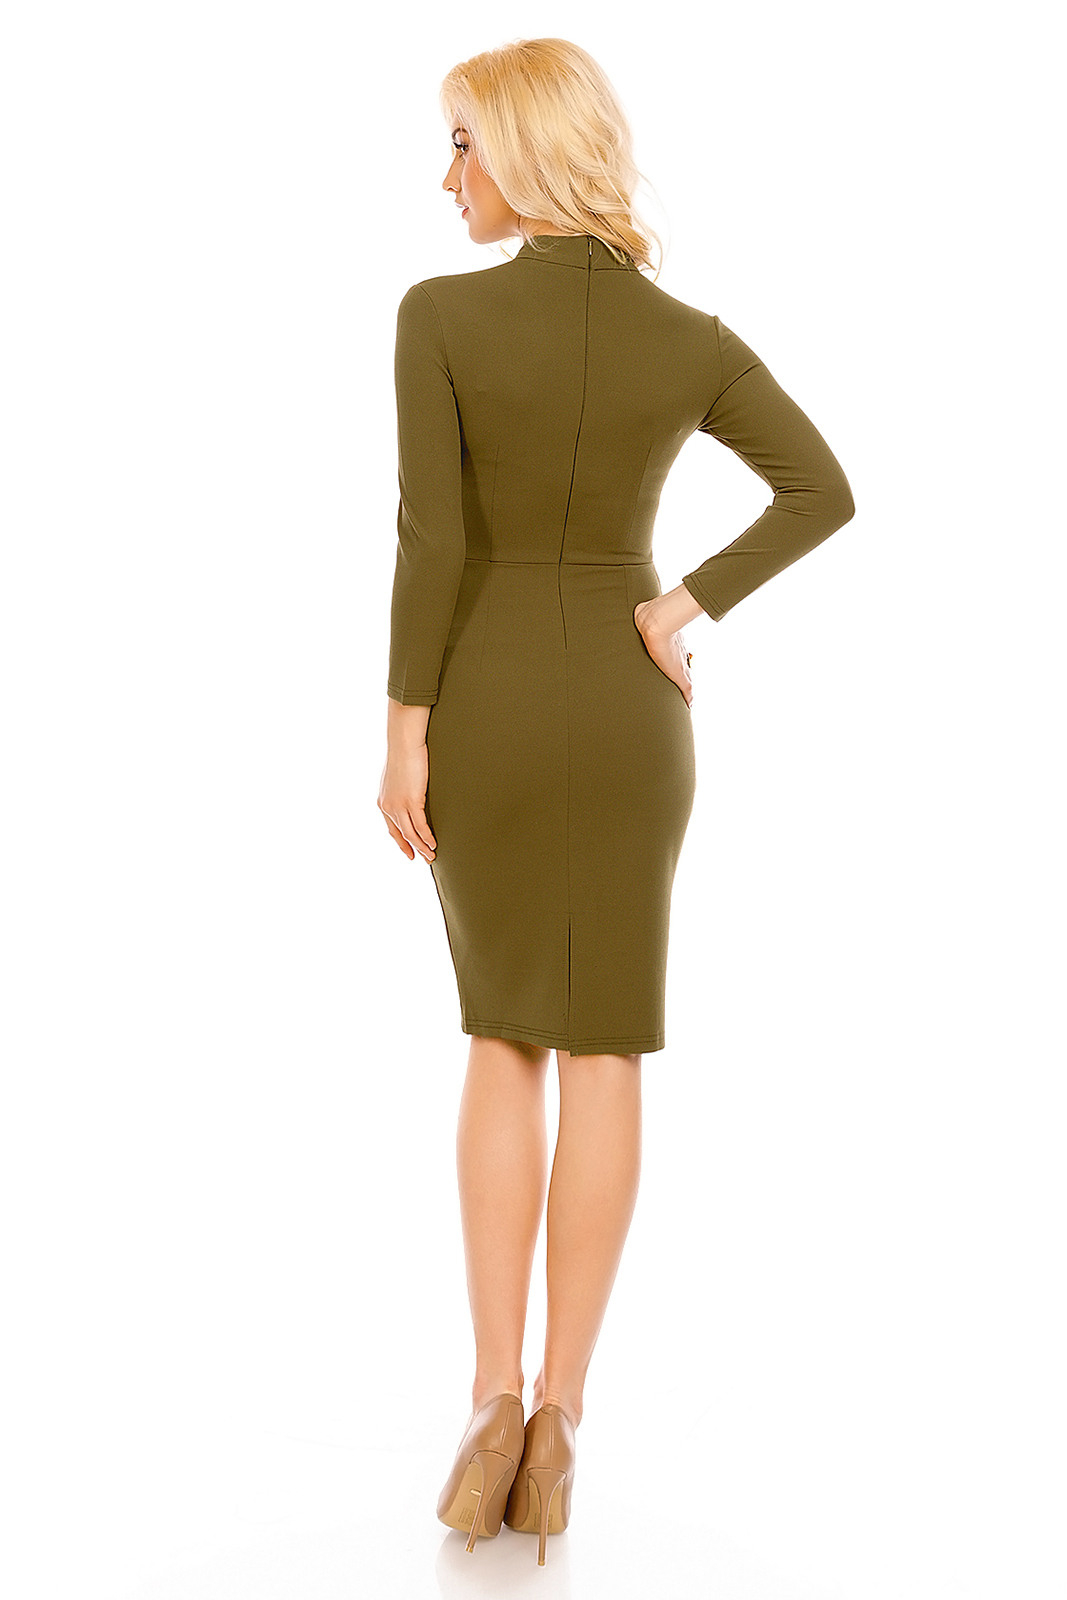 Kleid Lucy Wang W2195 Khaki